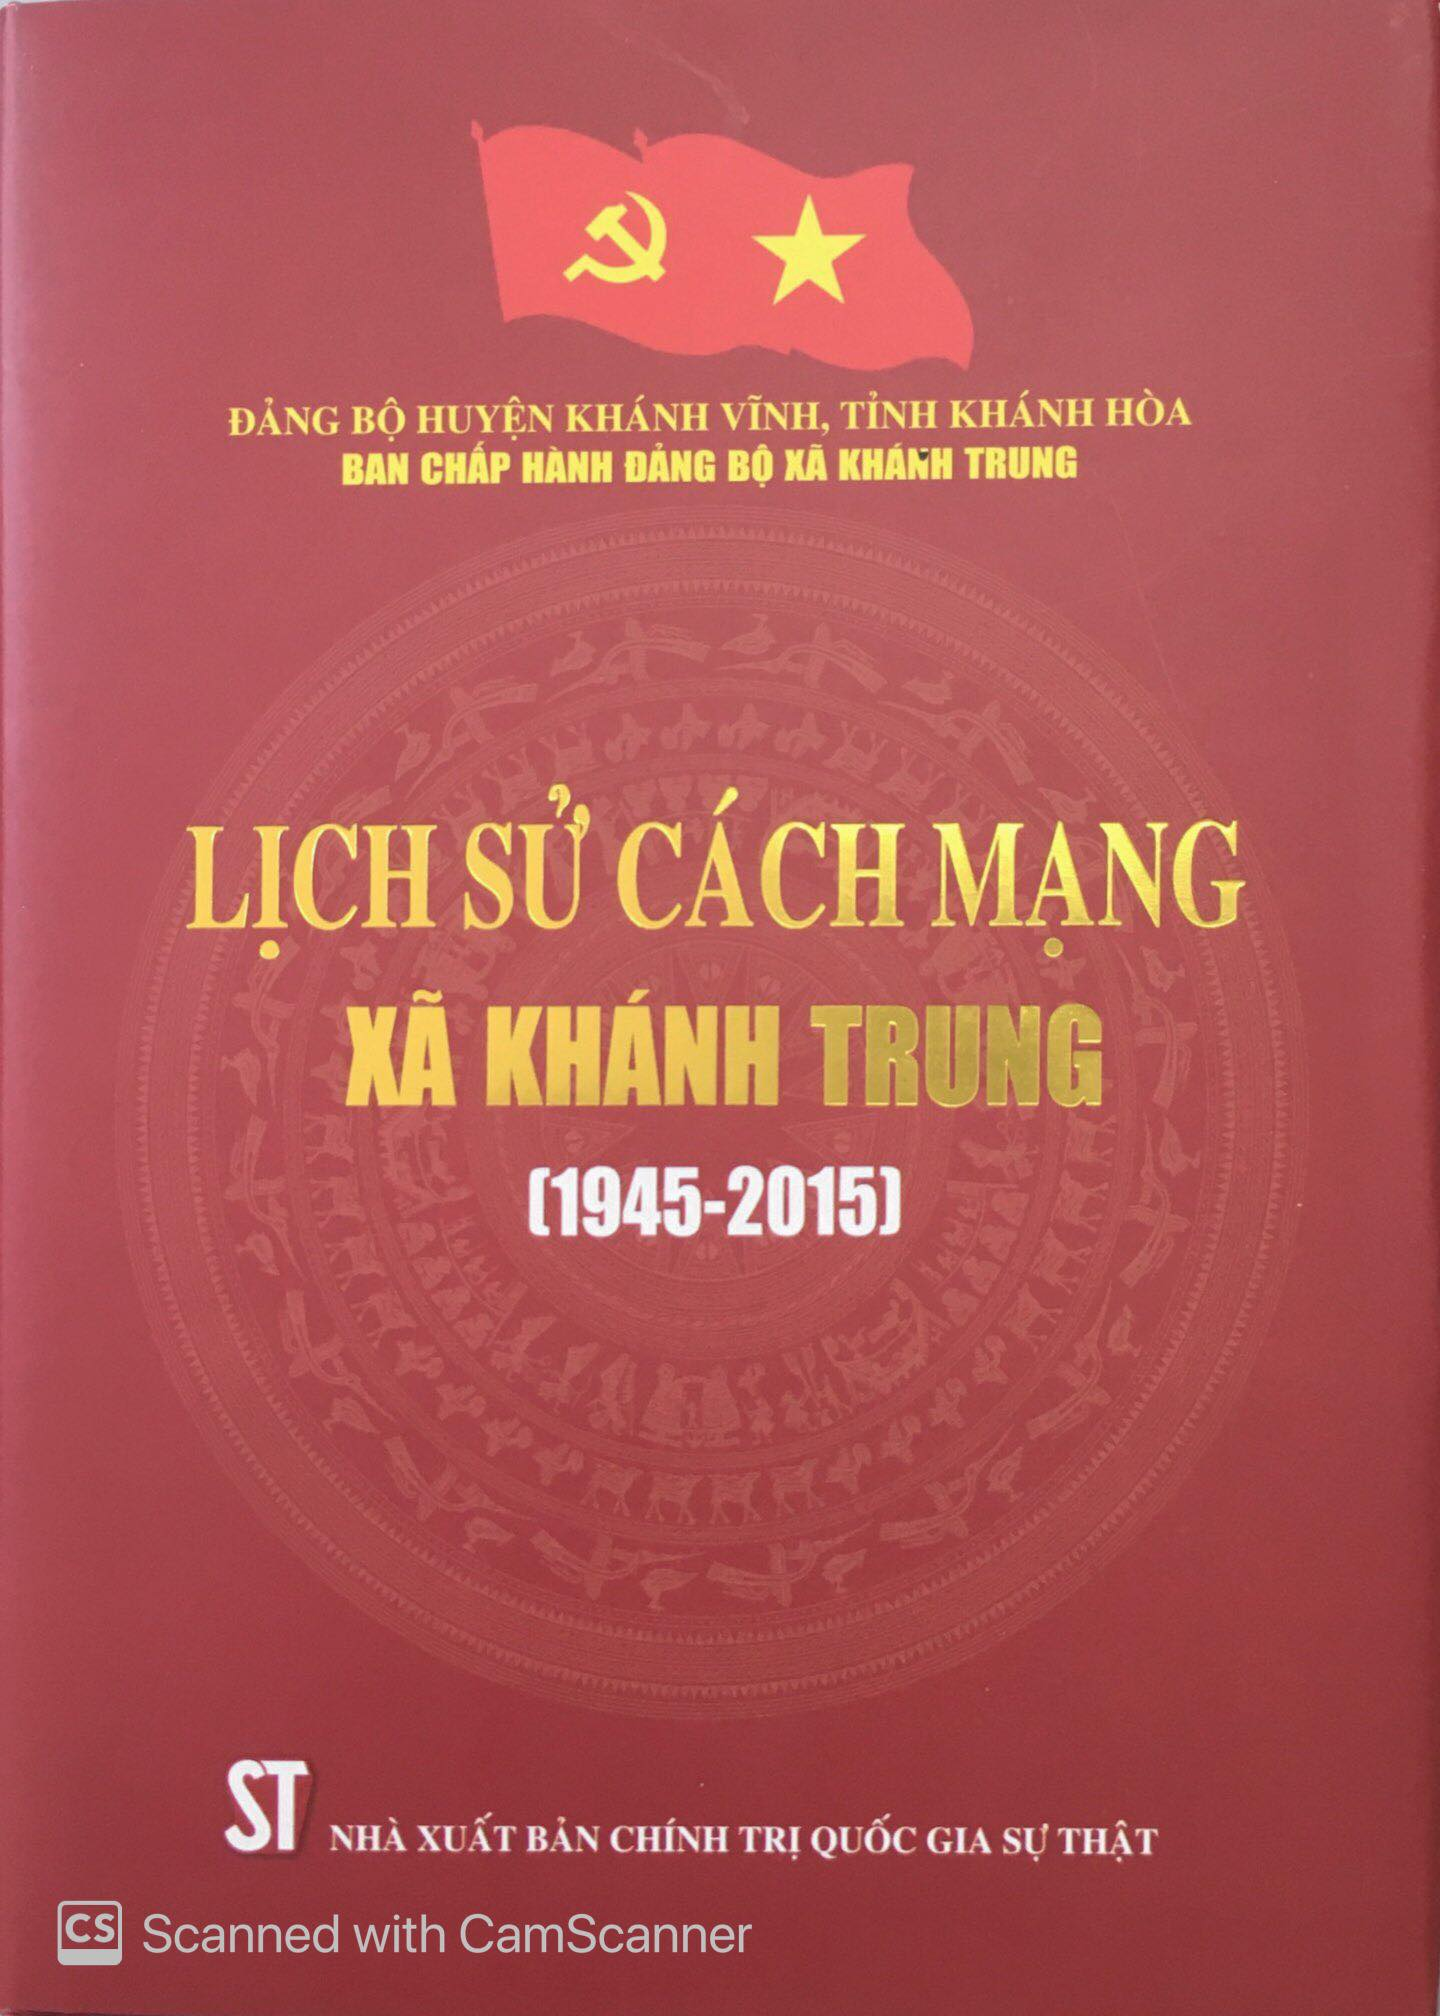 Lịch sử cách mạng xã Khánh Trung (1945-2015)